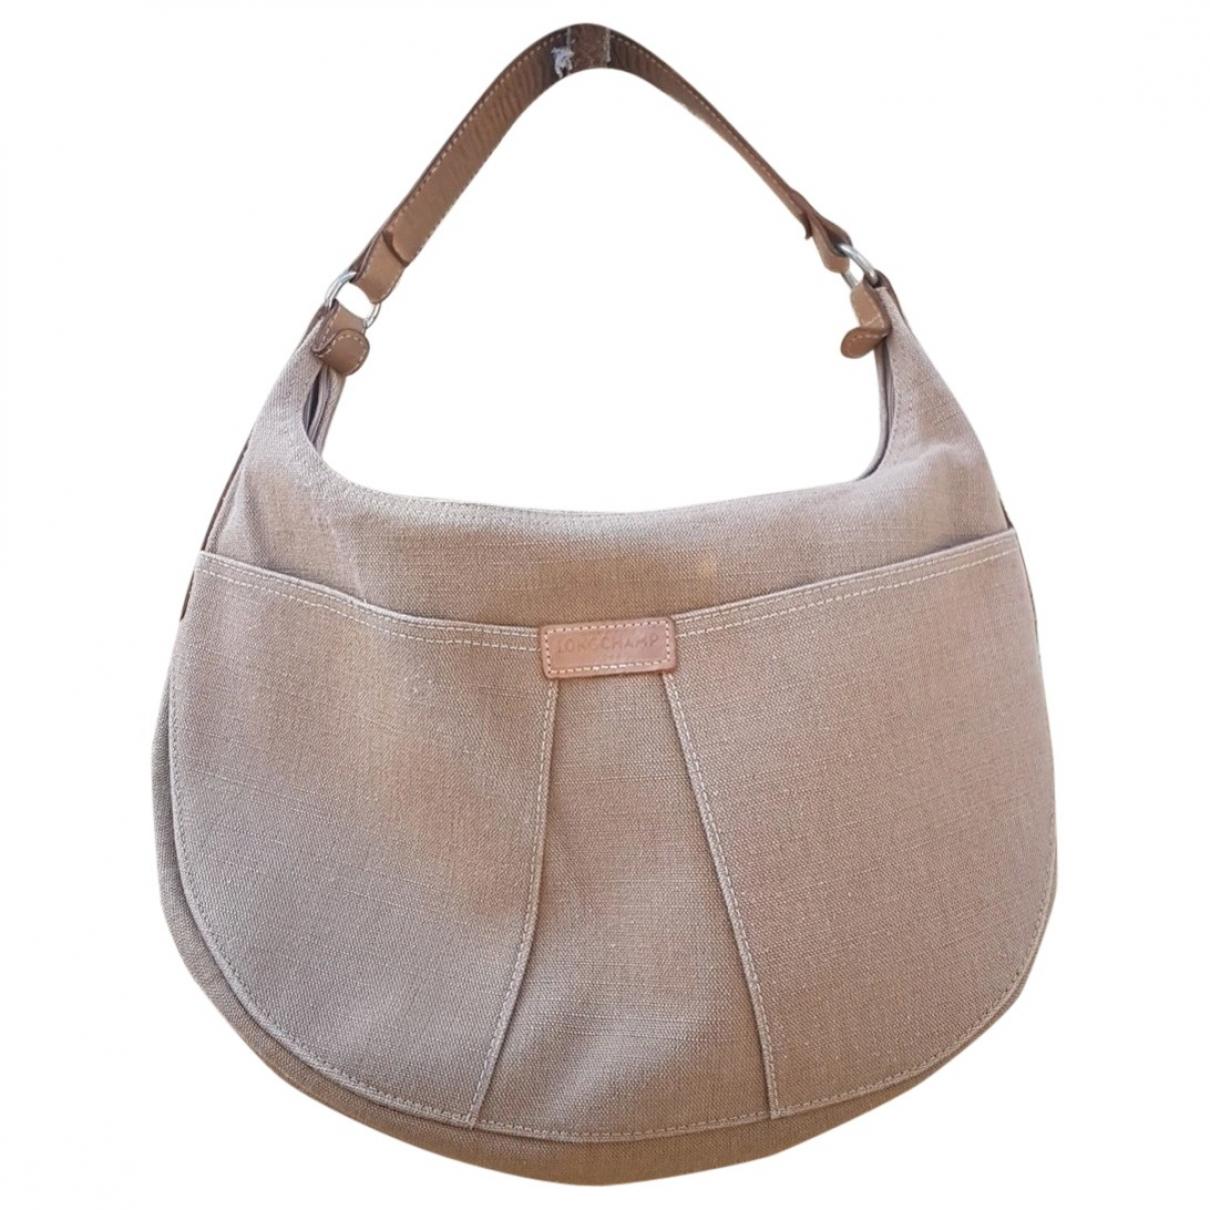 Longchamp - Sac a main   pour femme en coton - beige